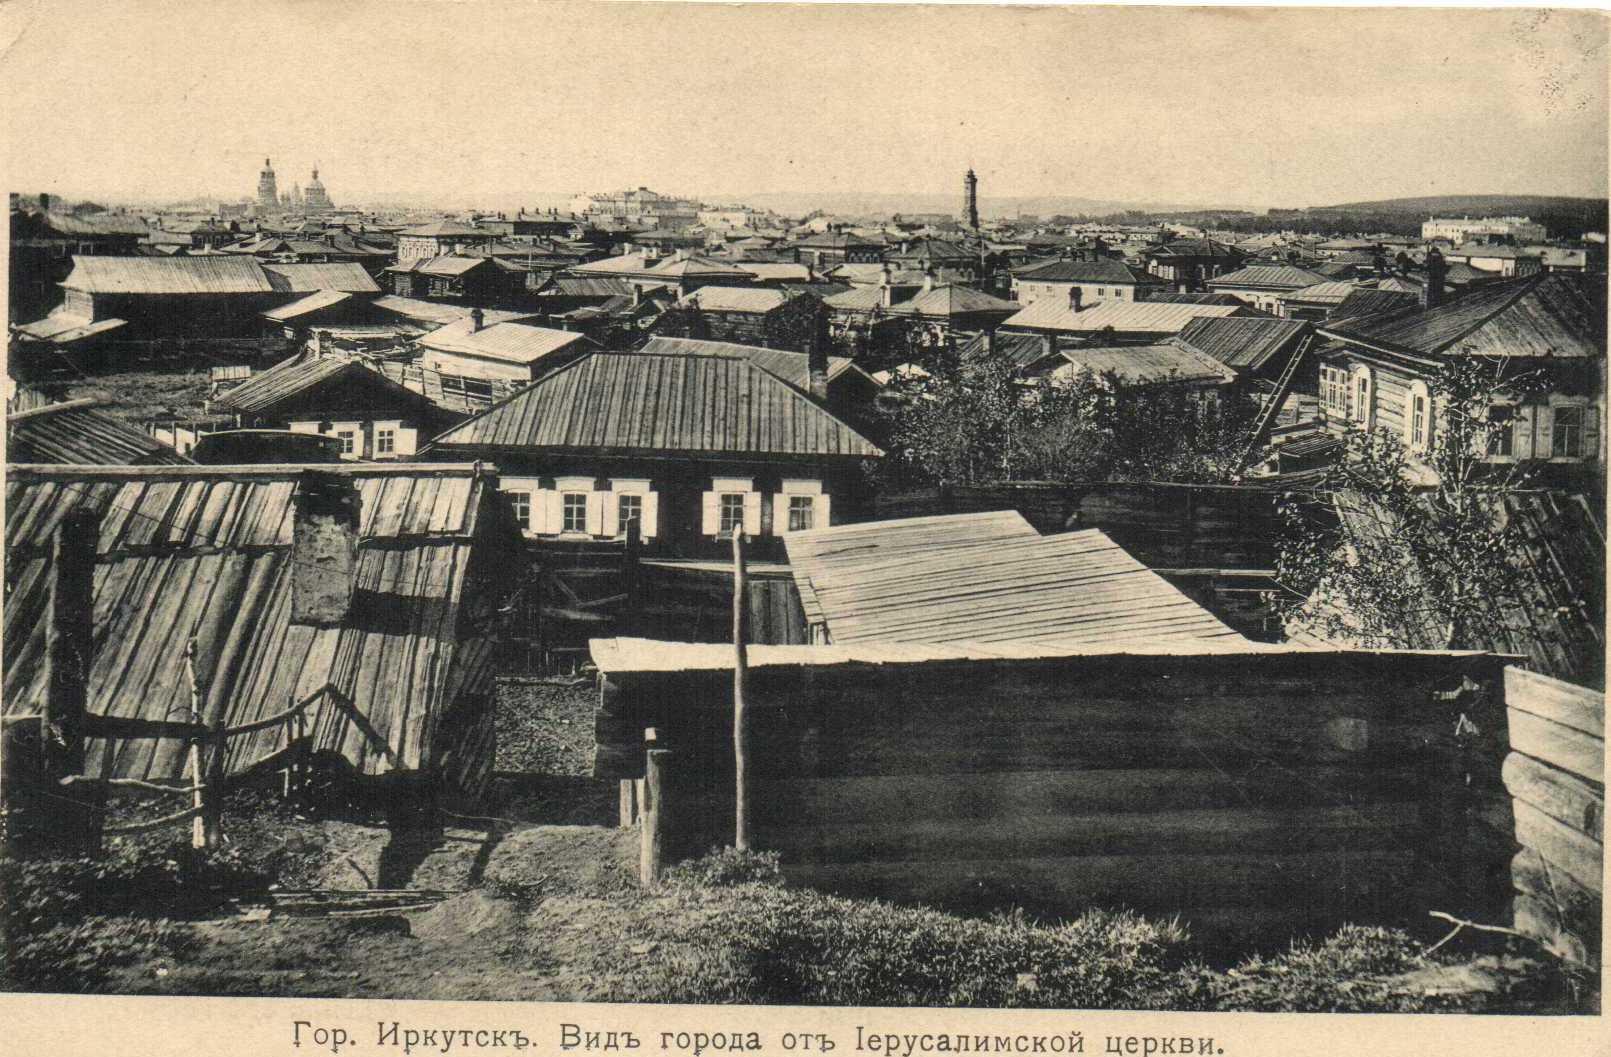 05. Вид города от Иерусалимской церкви